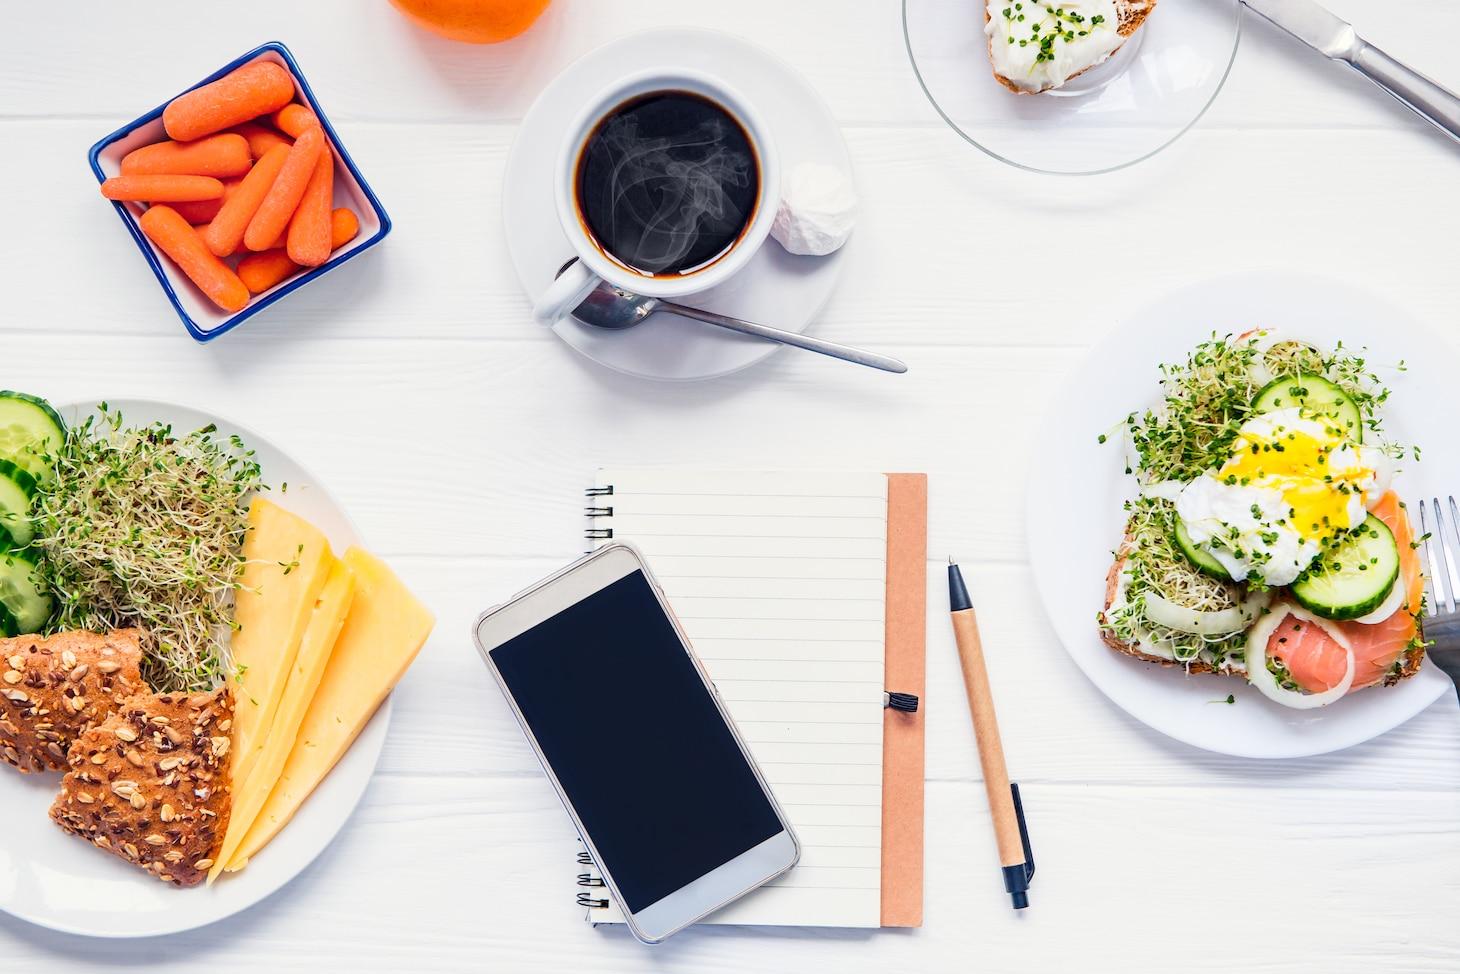 Как выбрать систему питания подходящую именно Вам